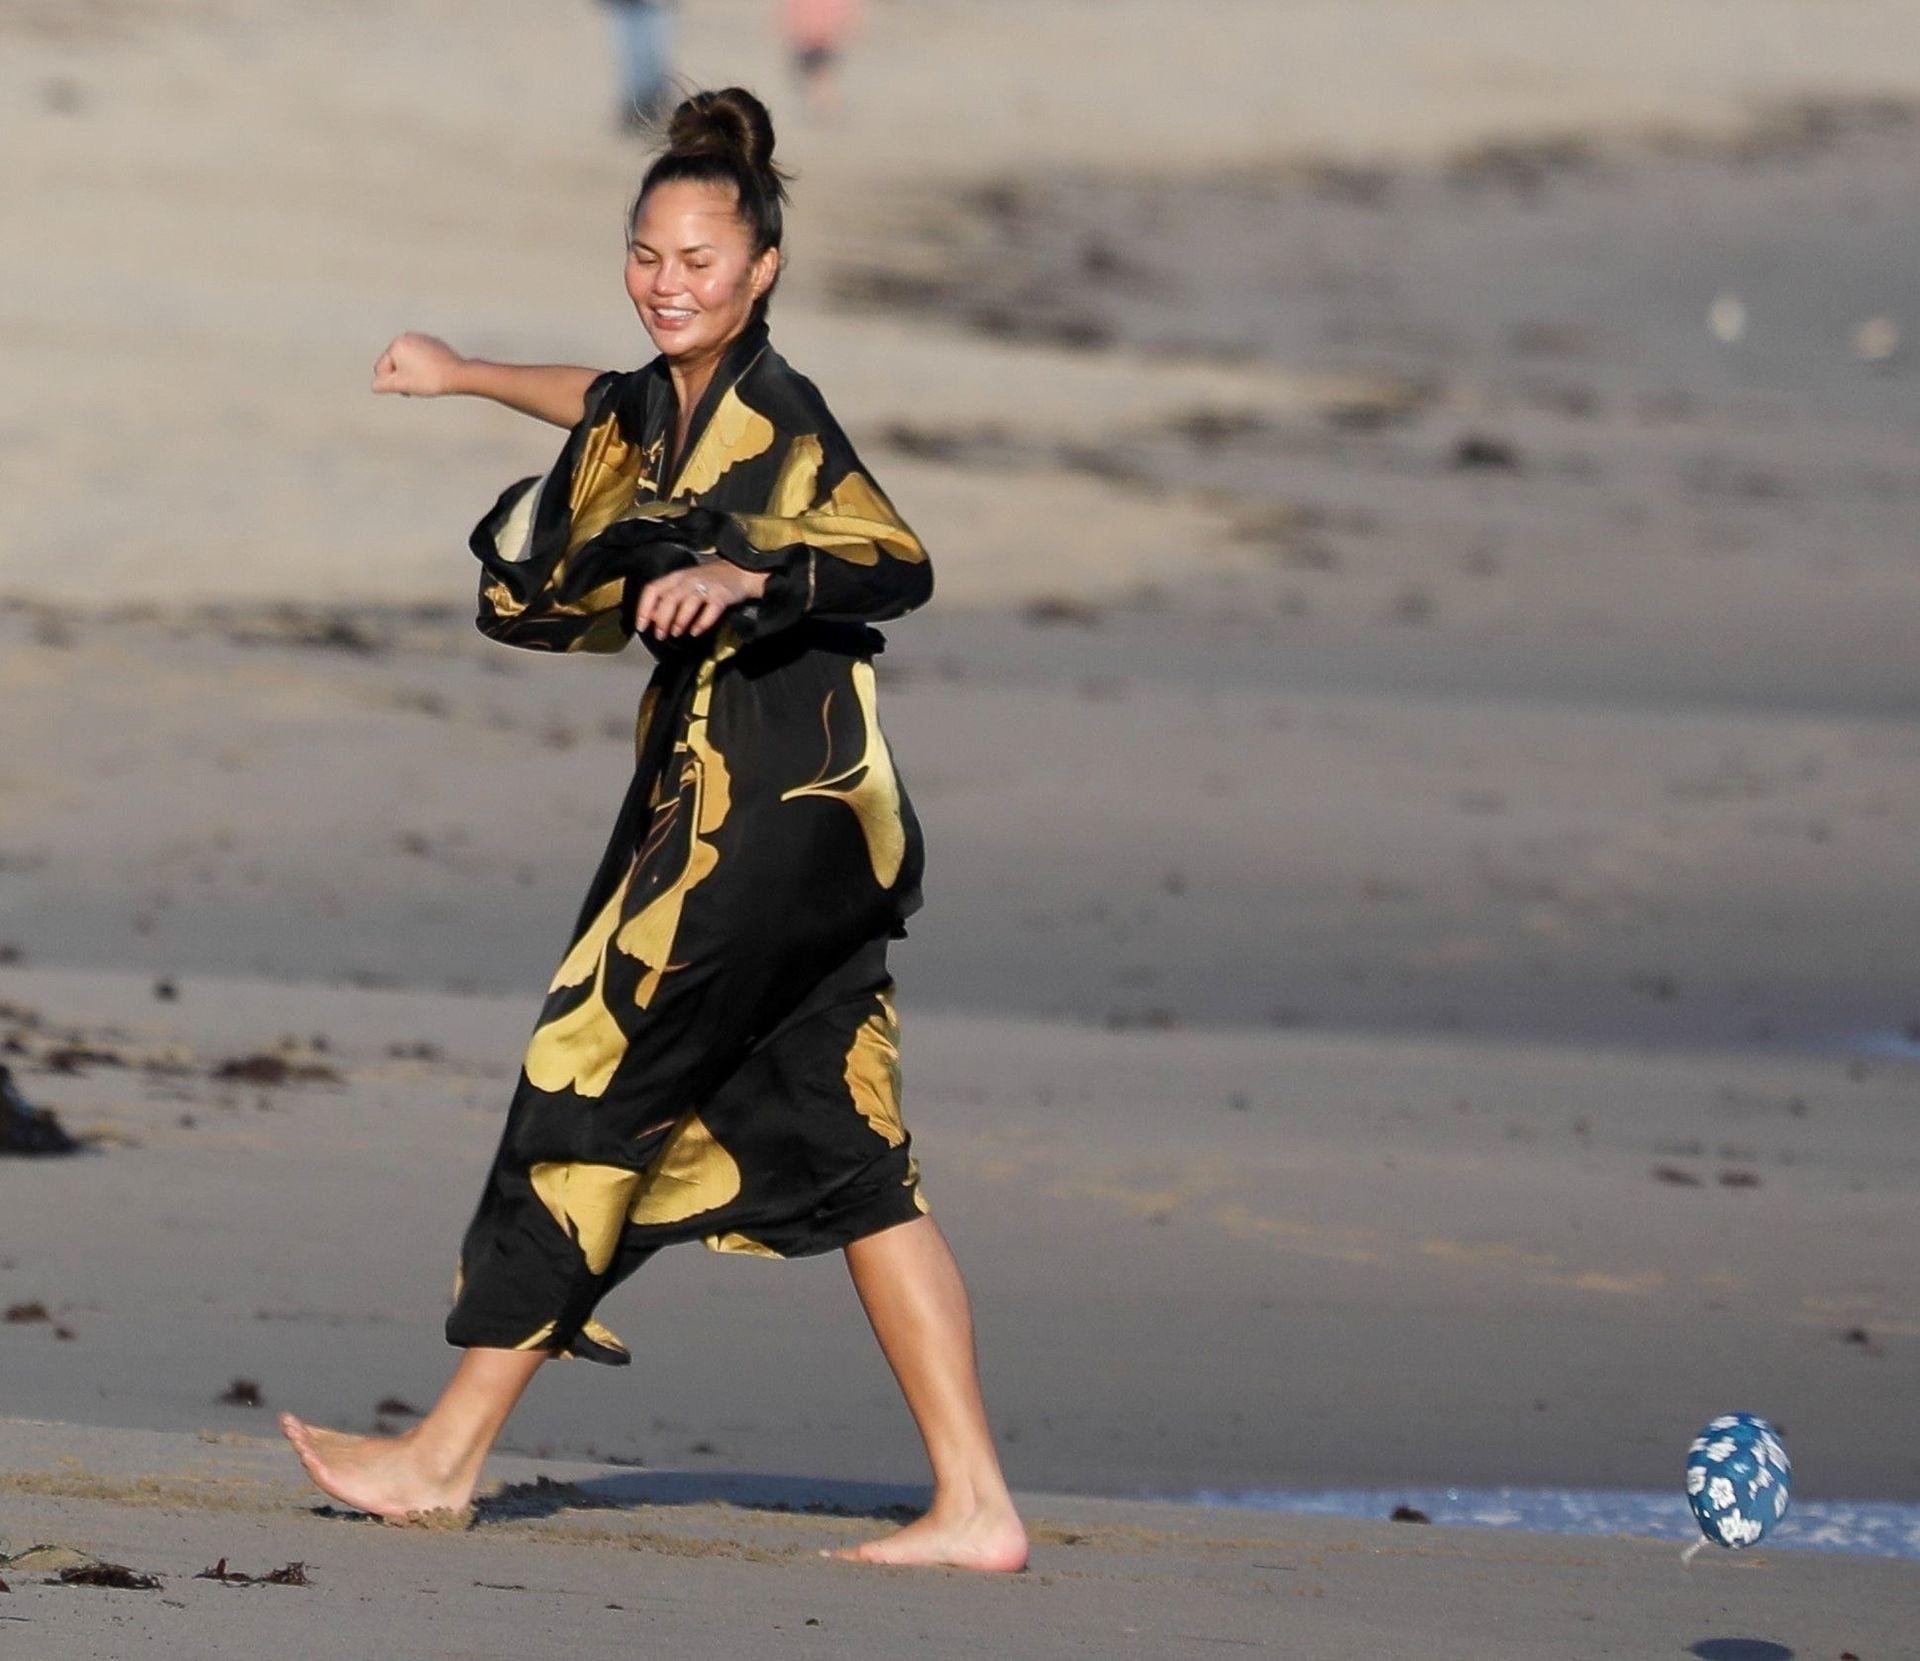 Chrissy Teigen Enjoys A Beach Day In Malibu Amid All Coronavirus Chaos 0035